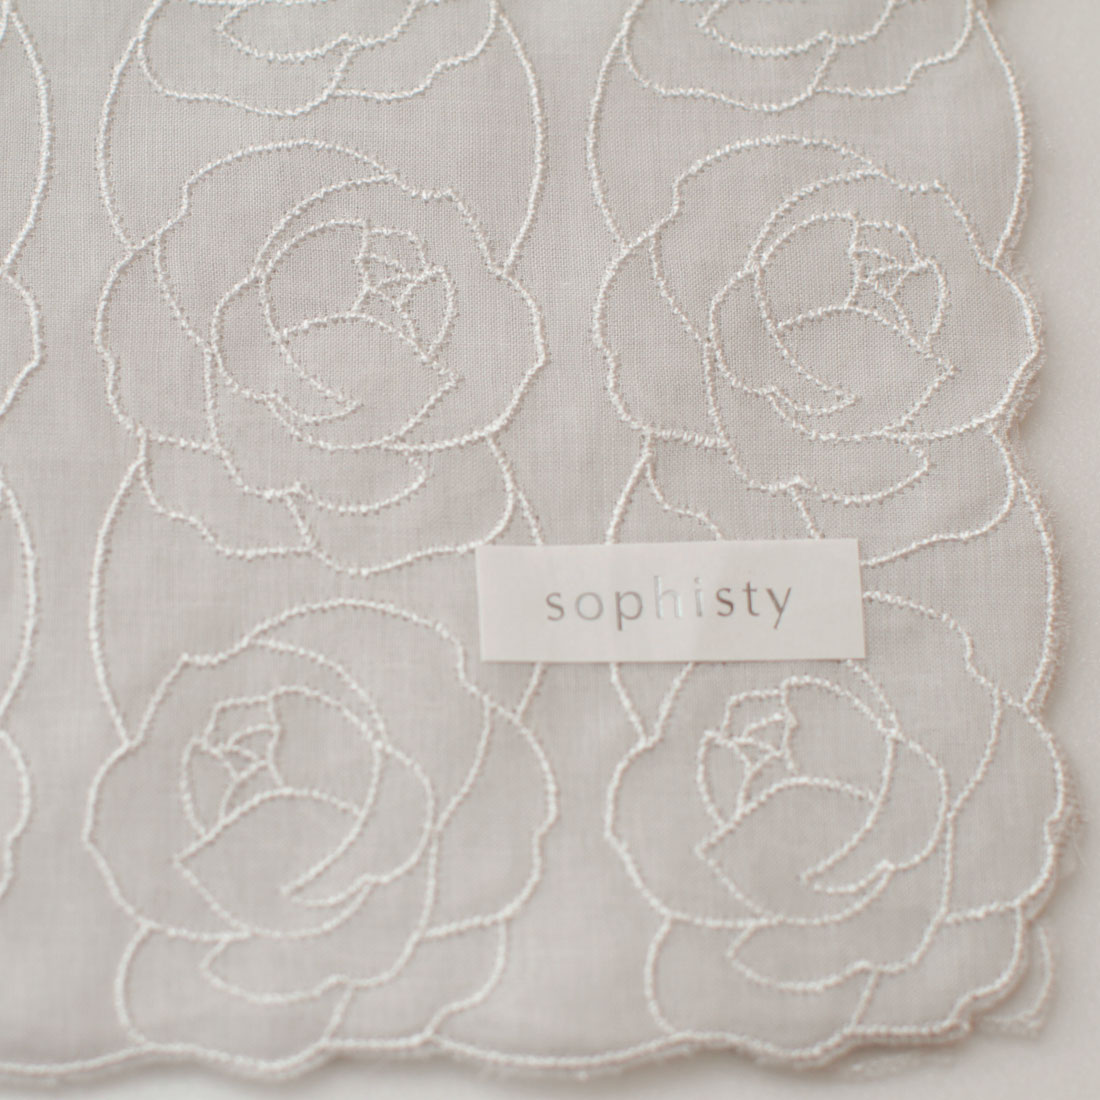 ソフィスティ 刺繍入りハンカチ 0201 グレー